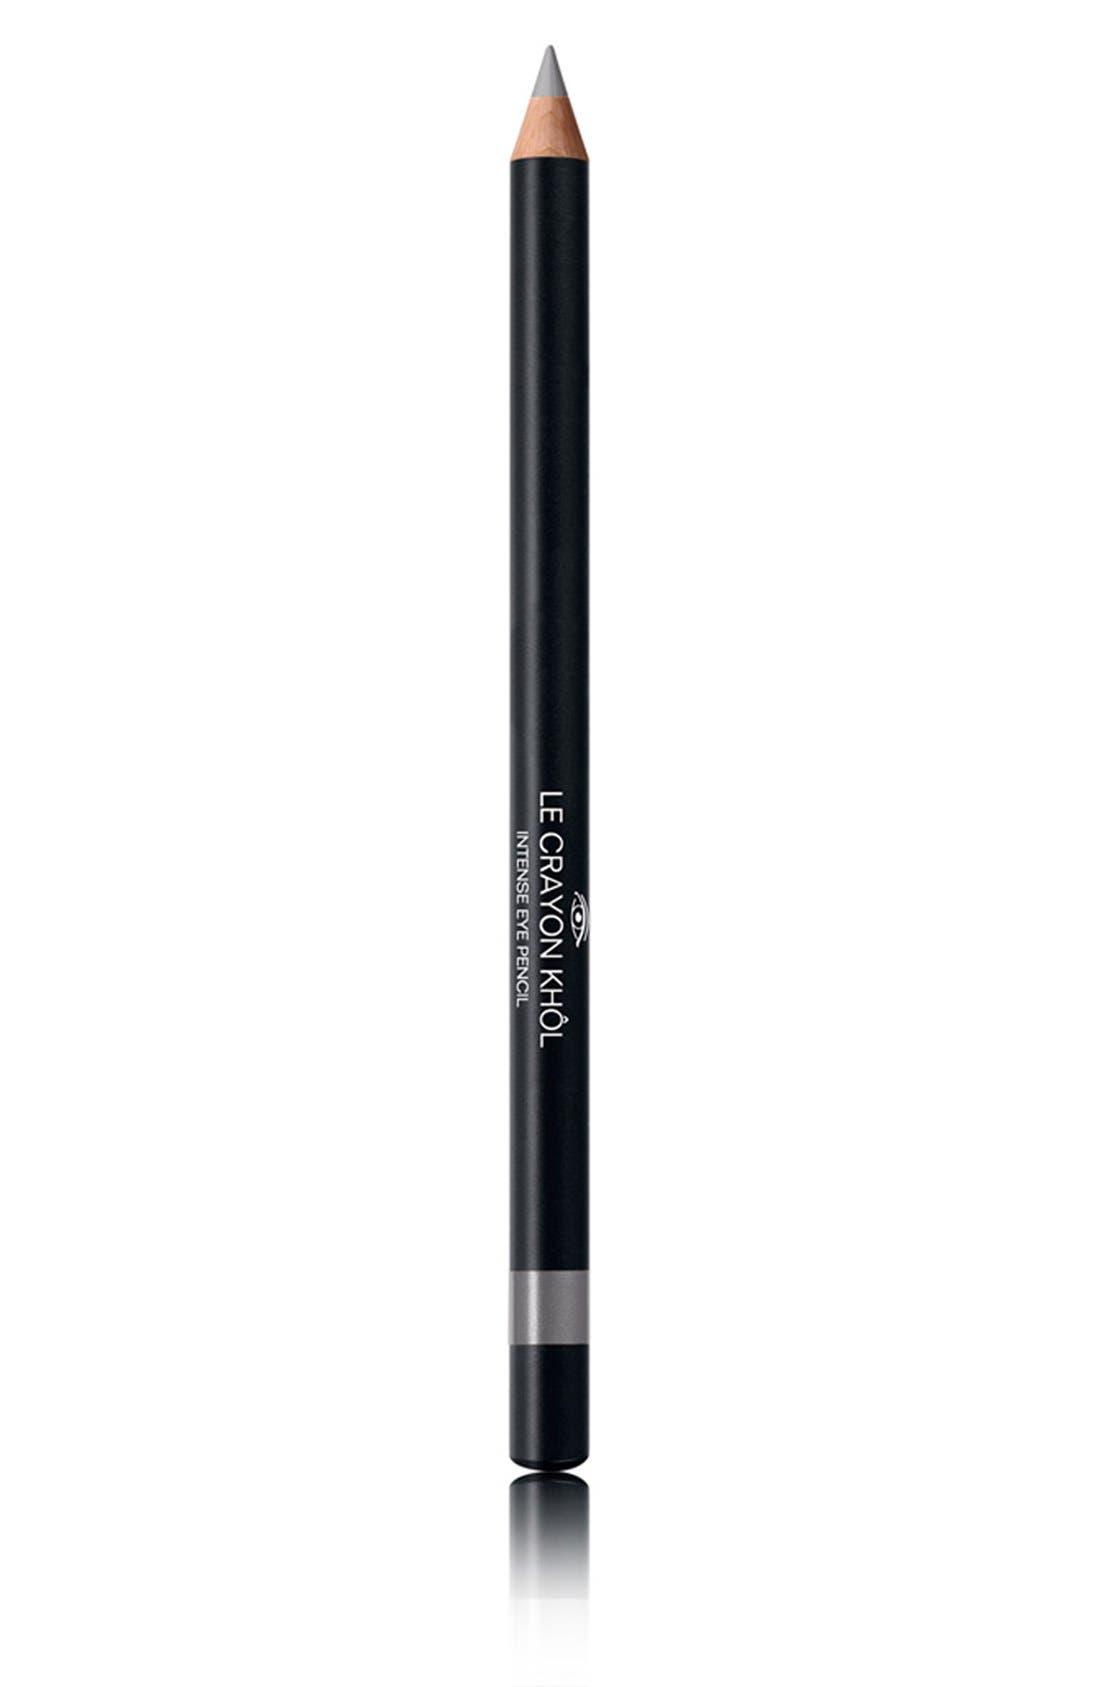 CHANEL LE CRAYON KHÔL  Intense Eye Pencil